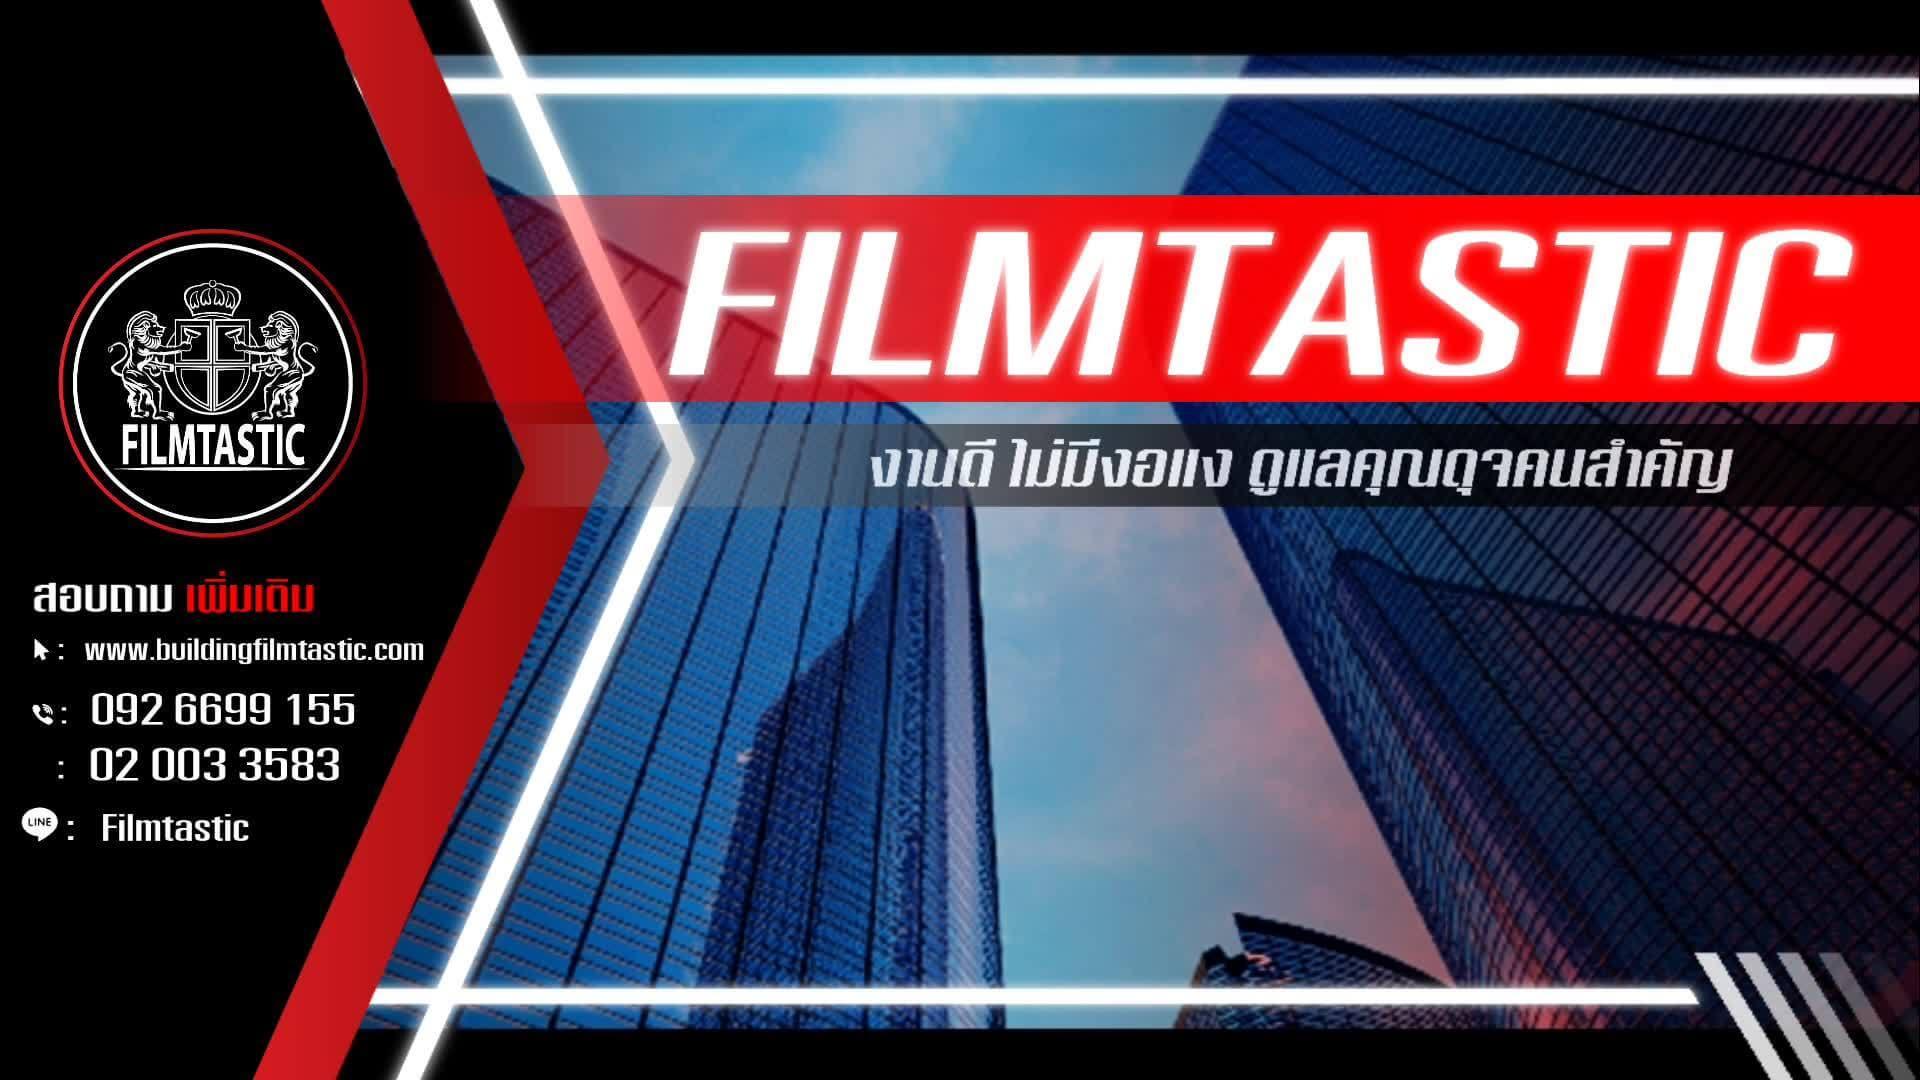 Filmtastic- รับติดฟิล์มอาคาร ฟิล์มบ้าน